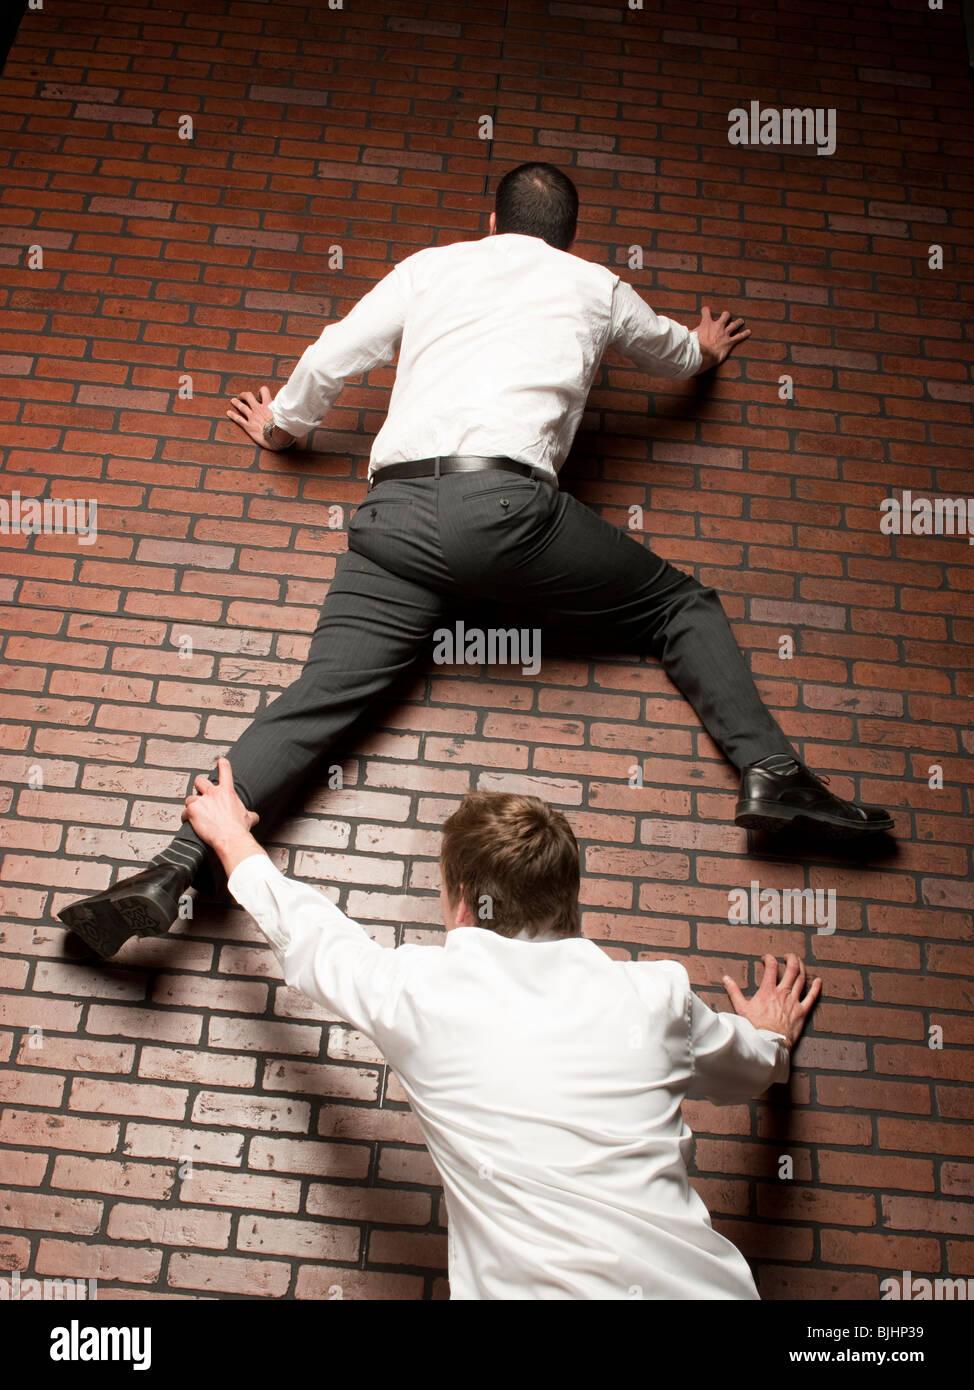 L'uomo salendo su un muro di mattoni mentre un altro uomo afferra sulla sua gamba Immagini Stock